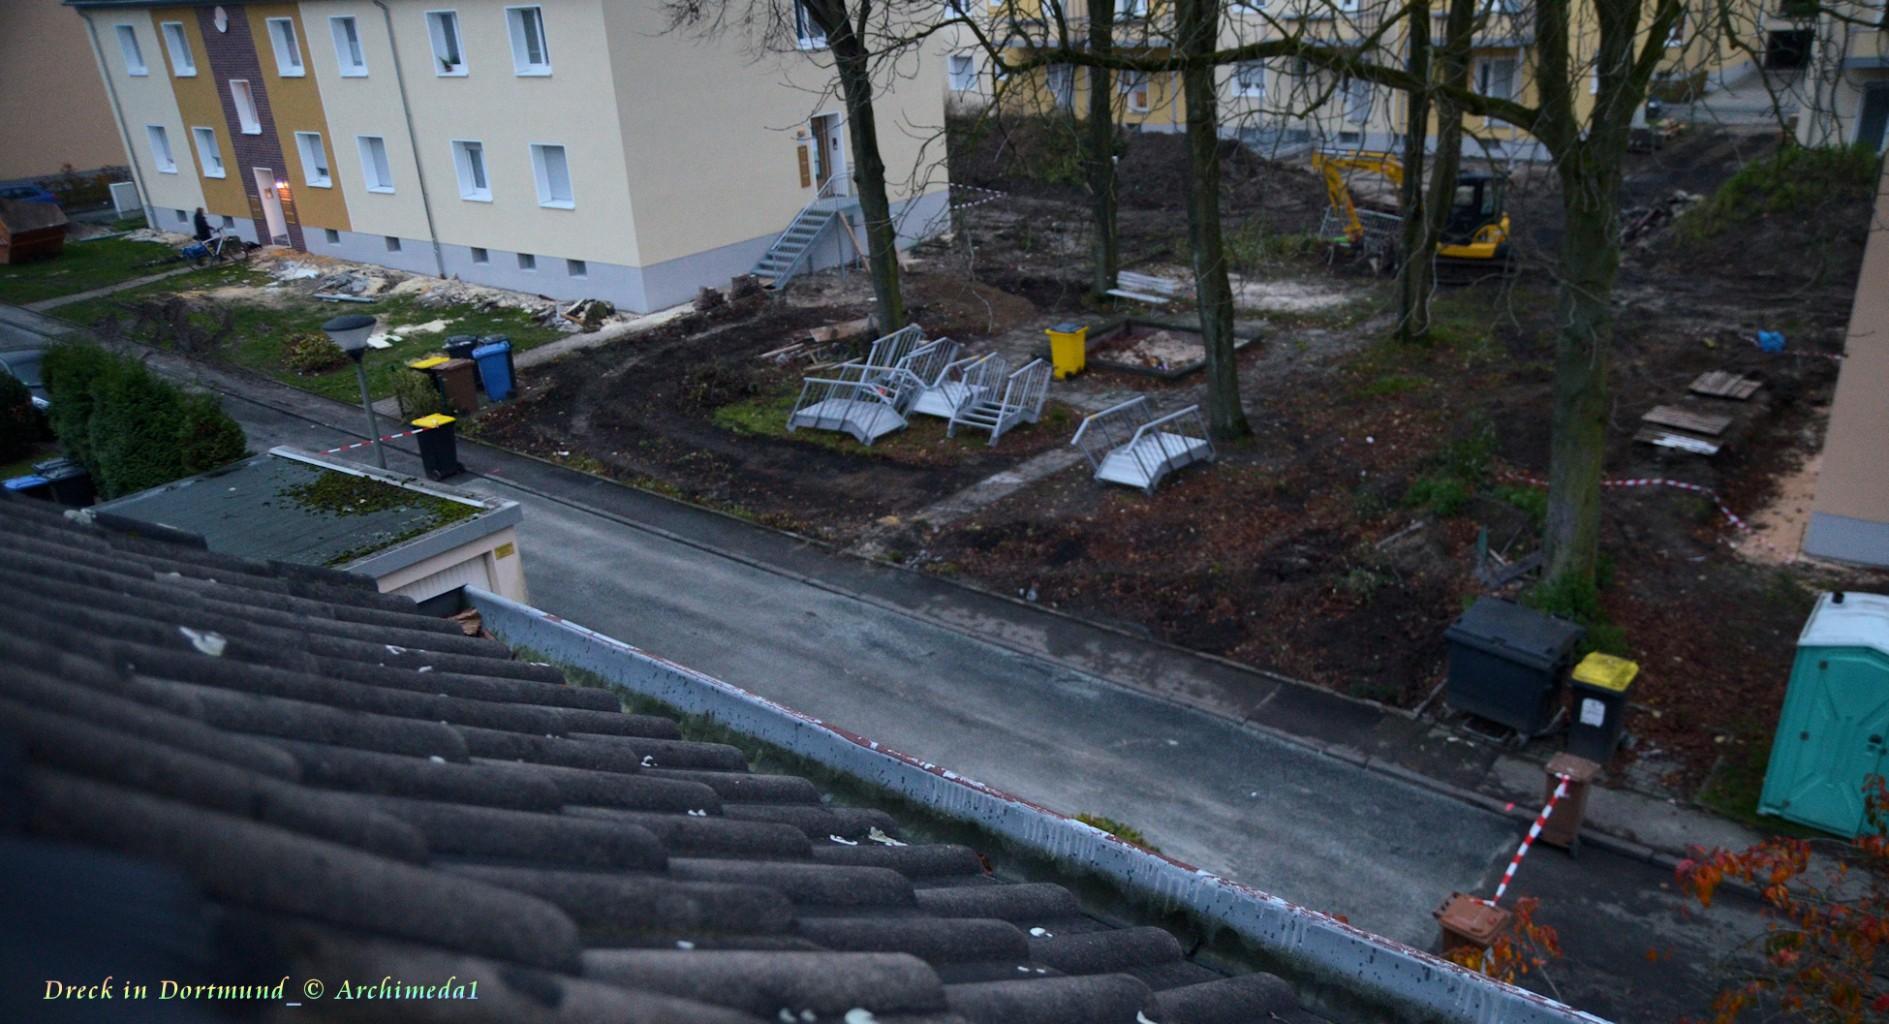 Dreck in Dortmund_© Archimeda1